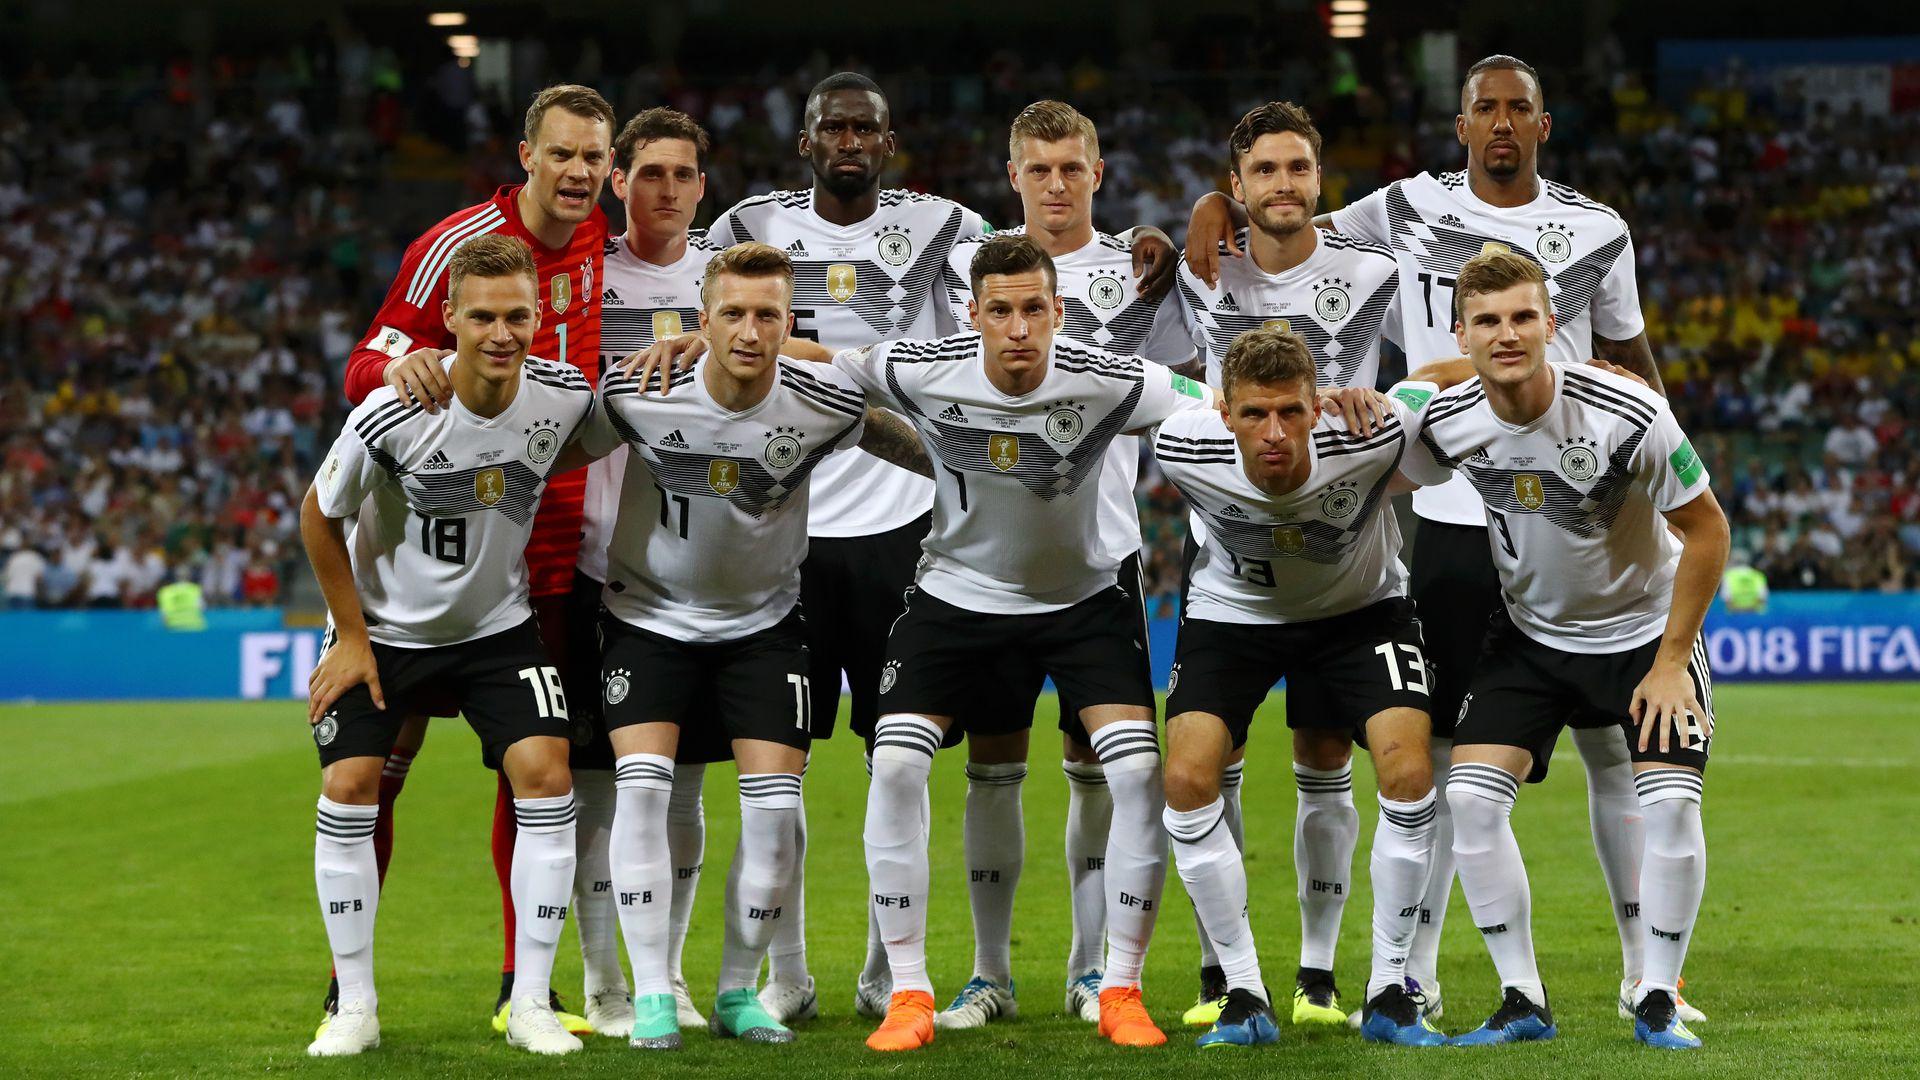 Nach-Sieg-Internationale-Presse-feiert-deutsche-WM-Jungs-